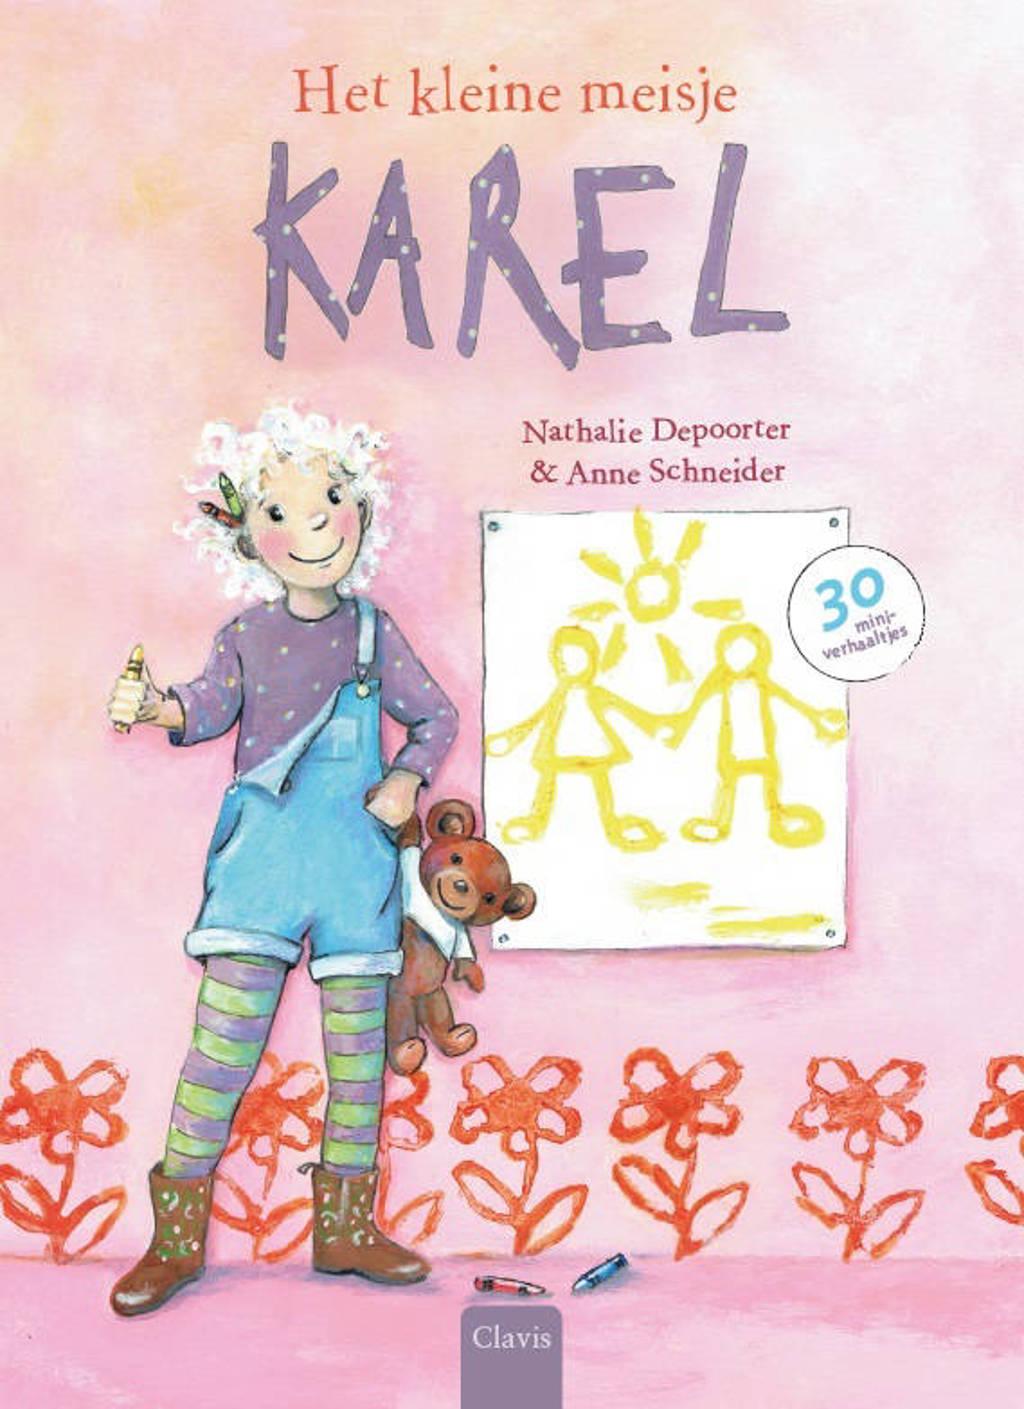 Het kleine meisje Karel - Nathalie Depoorter